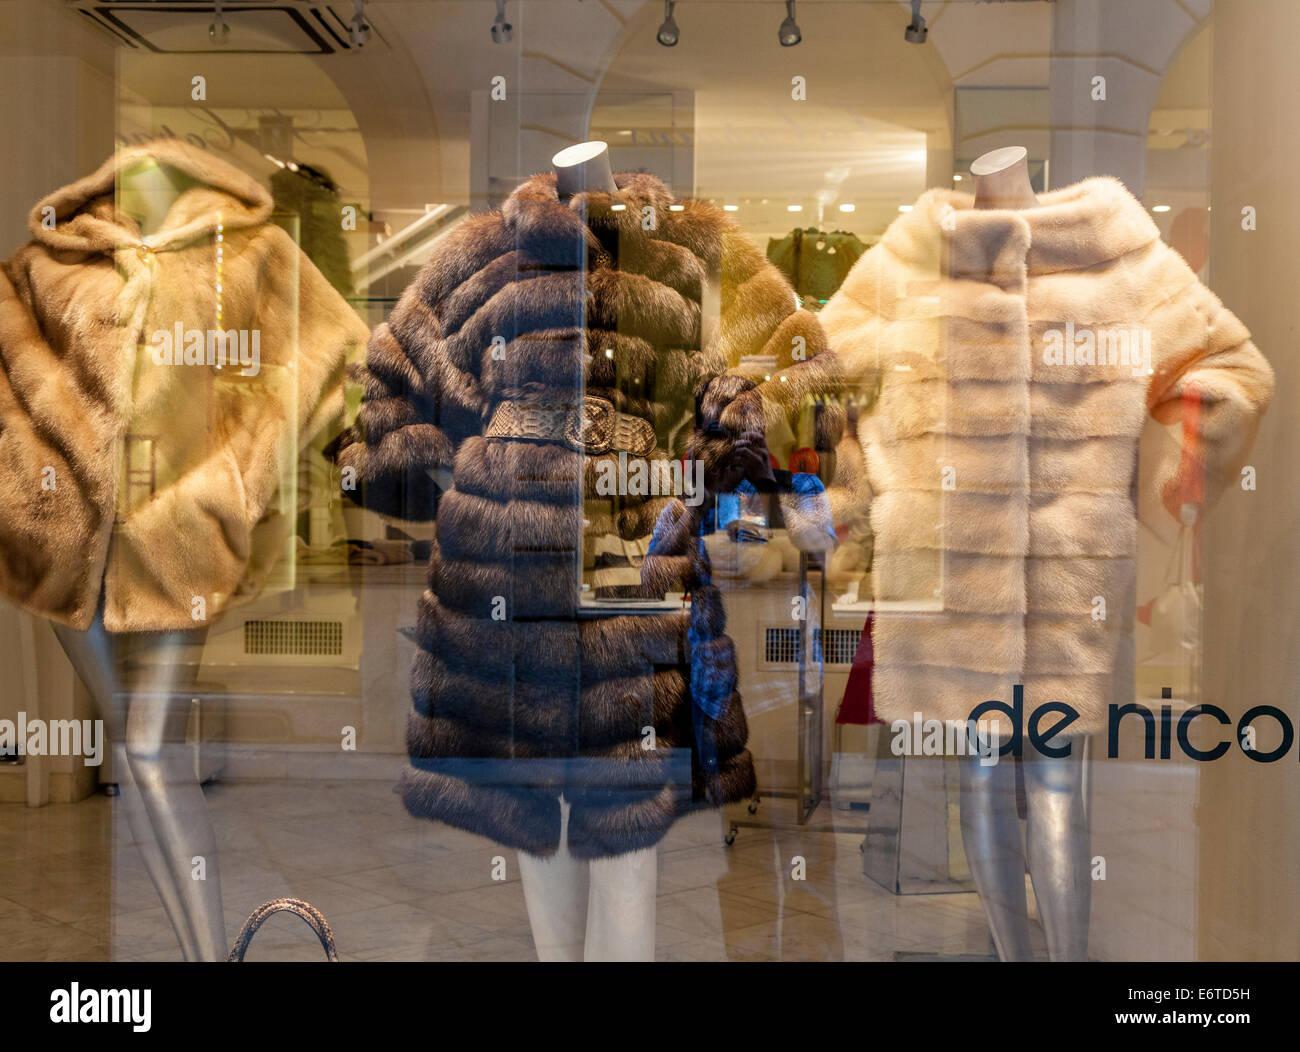 High class De Nico shop in Milan's Quadrilatero d'Oro - golden shopping rectangle - Via Monte Napoleone, Milan, - Stock Image